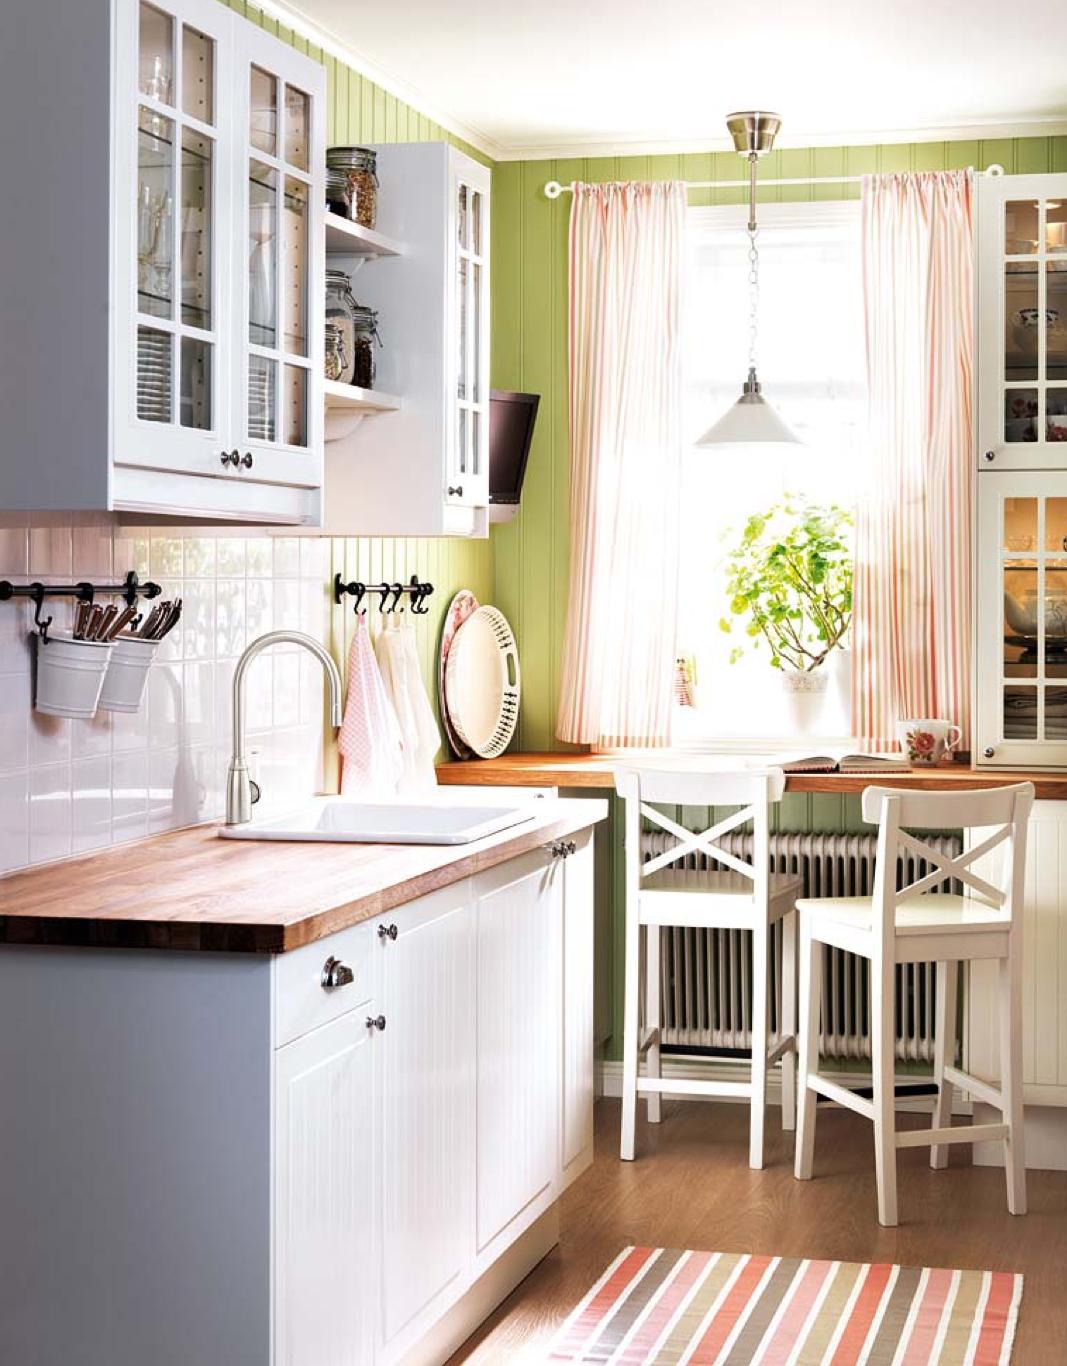 8 ideas para decorar una cocina con office - Ideas para decorar tu cocina ...